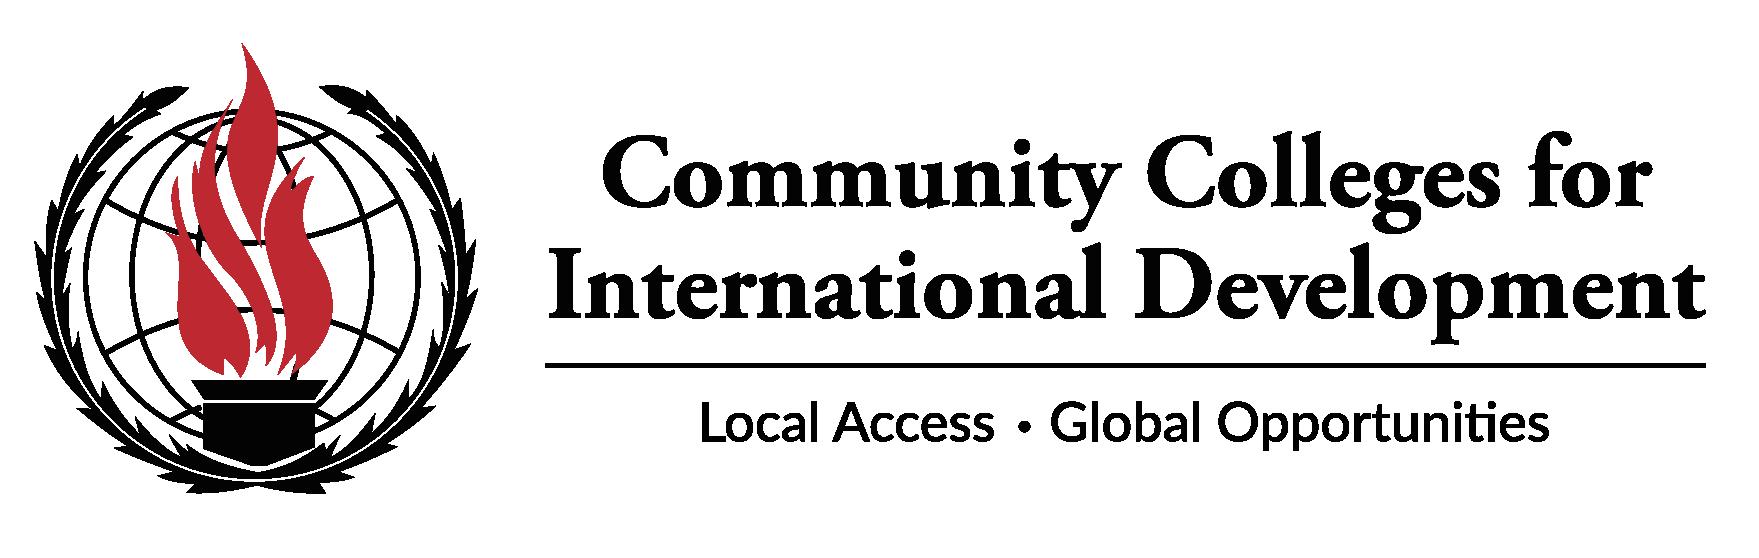 11.15.16.03 CCID Logo_V3-01